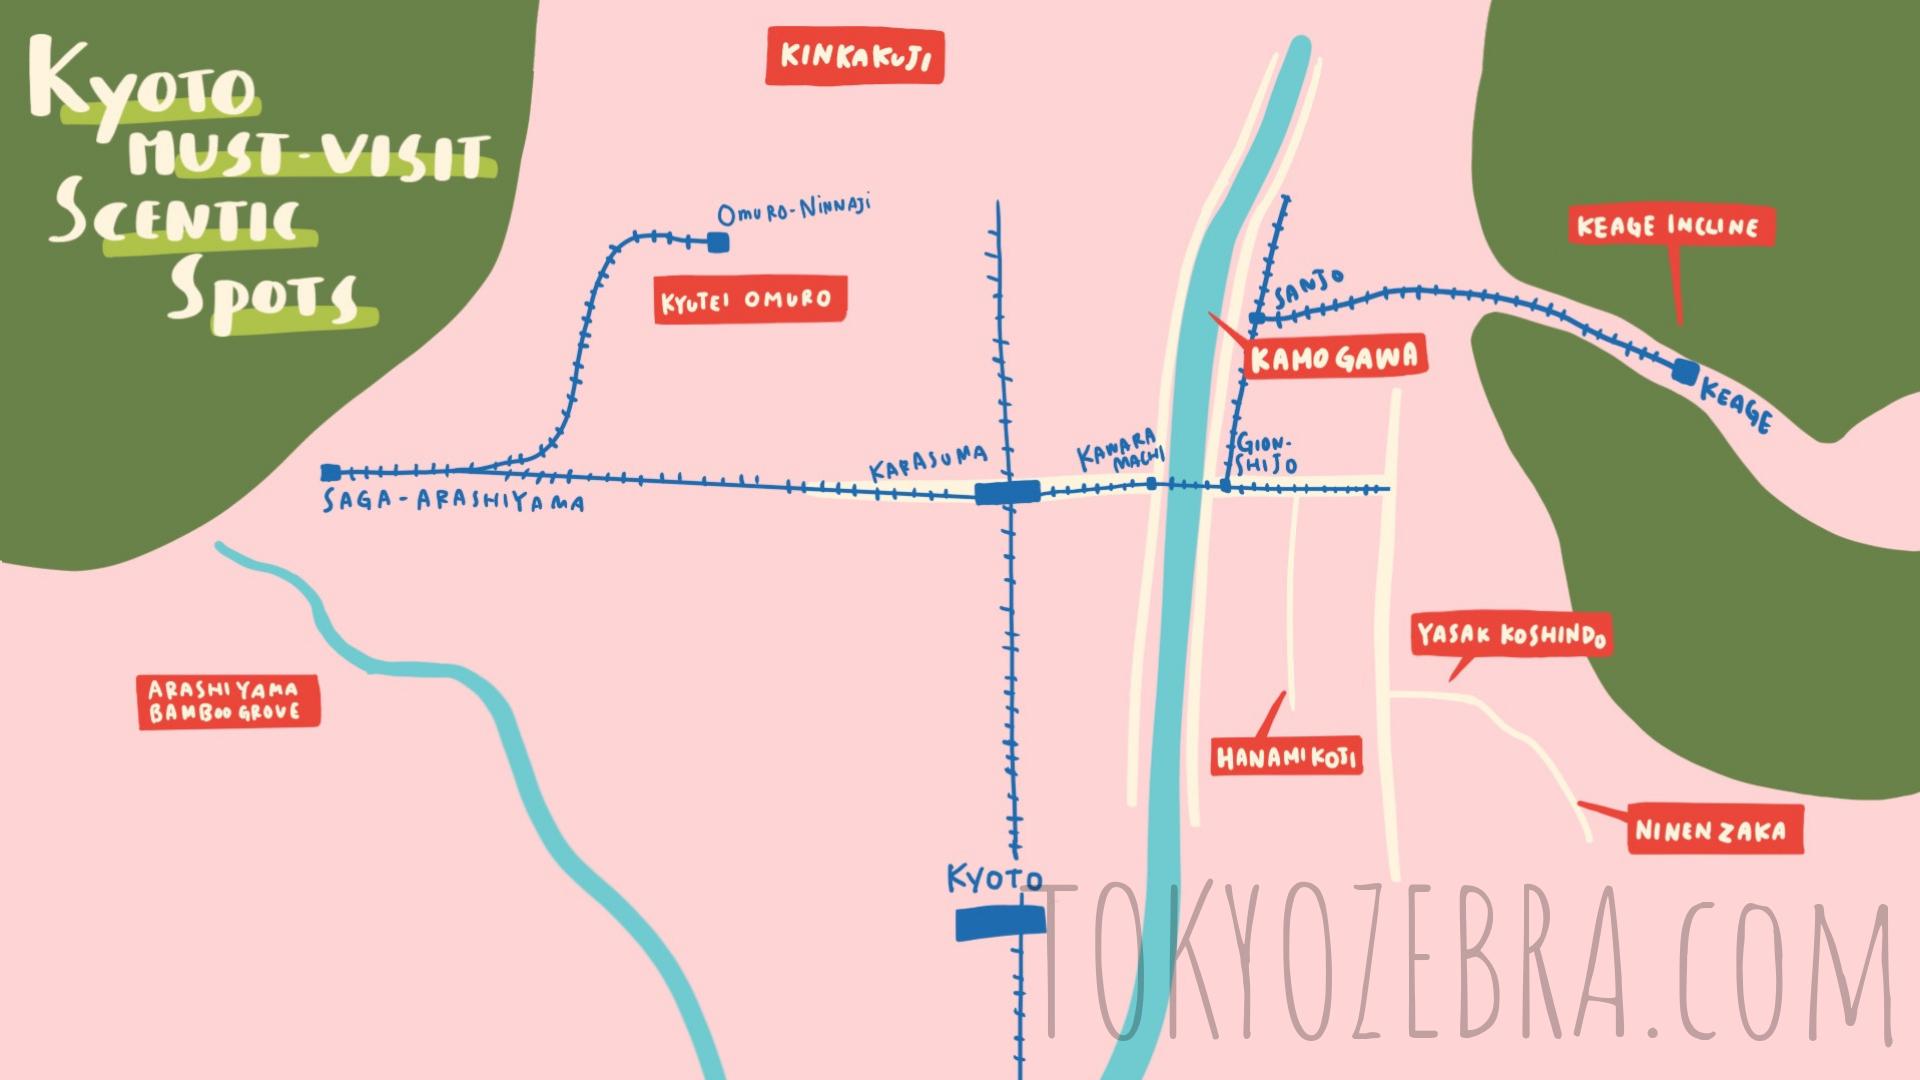 Kyoto Scenic Map -